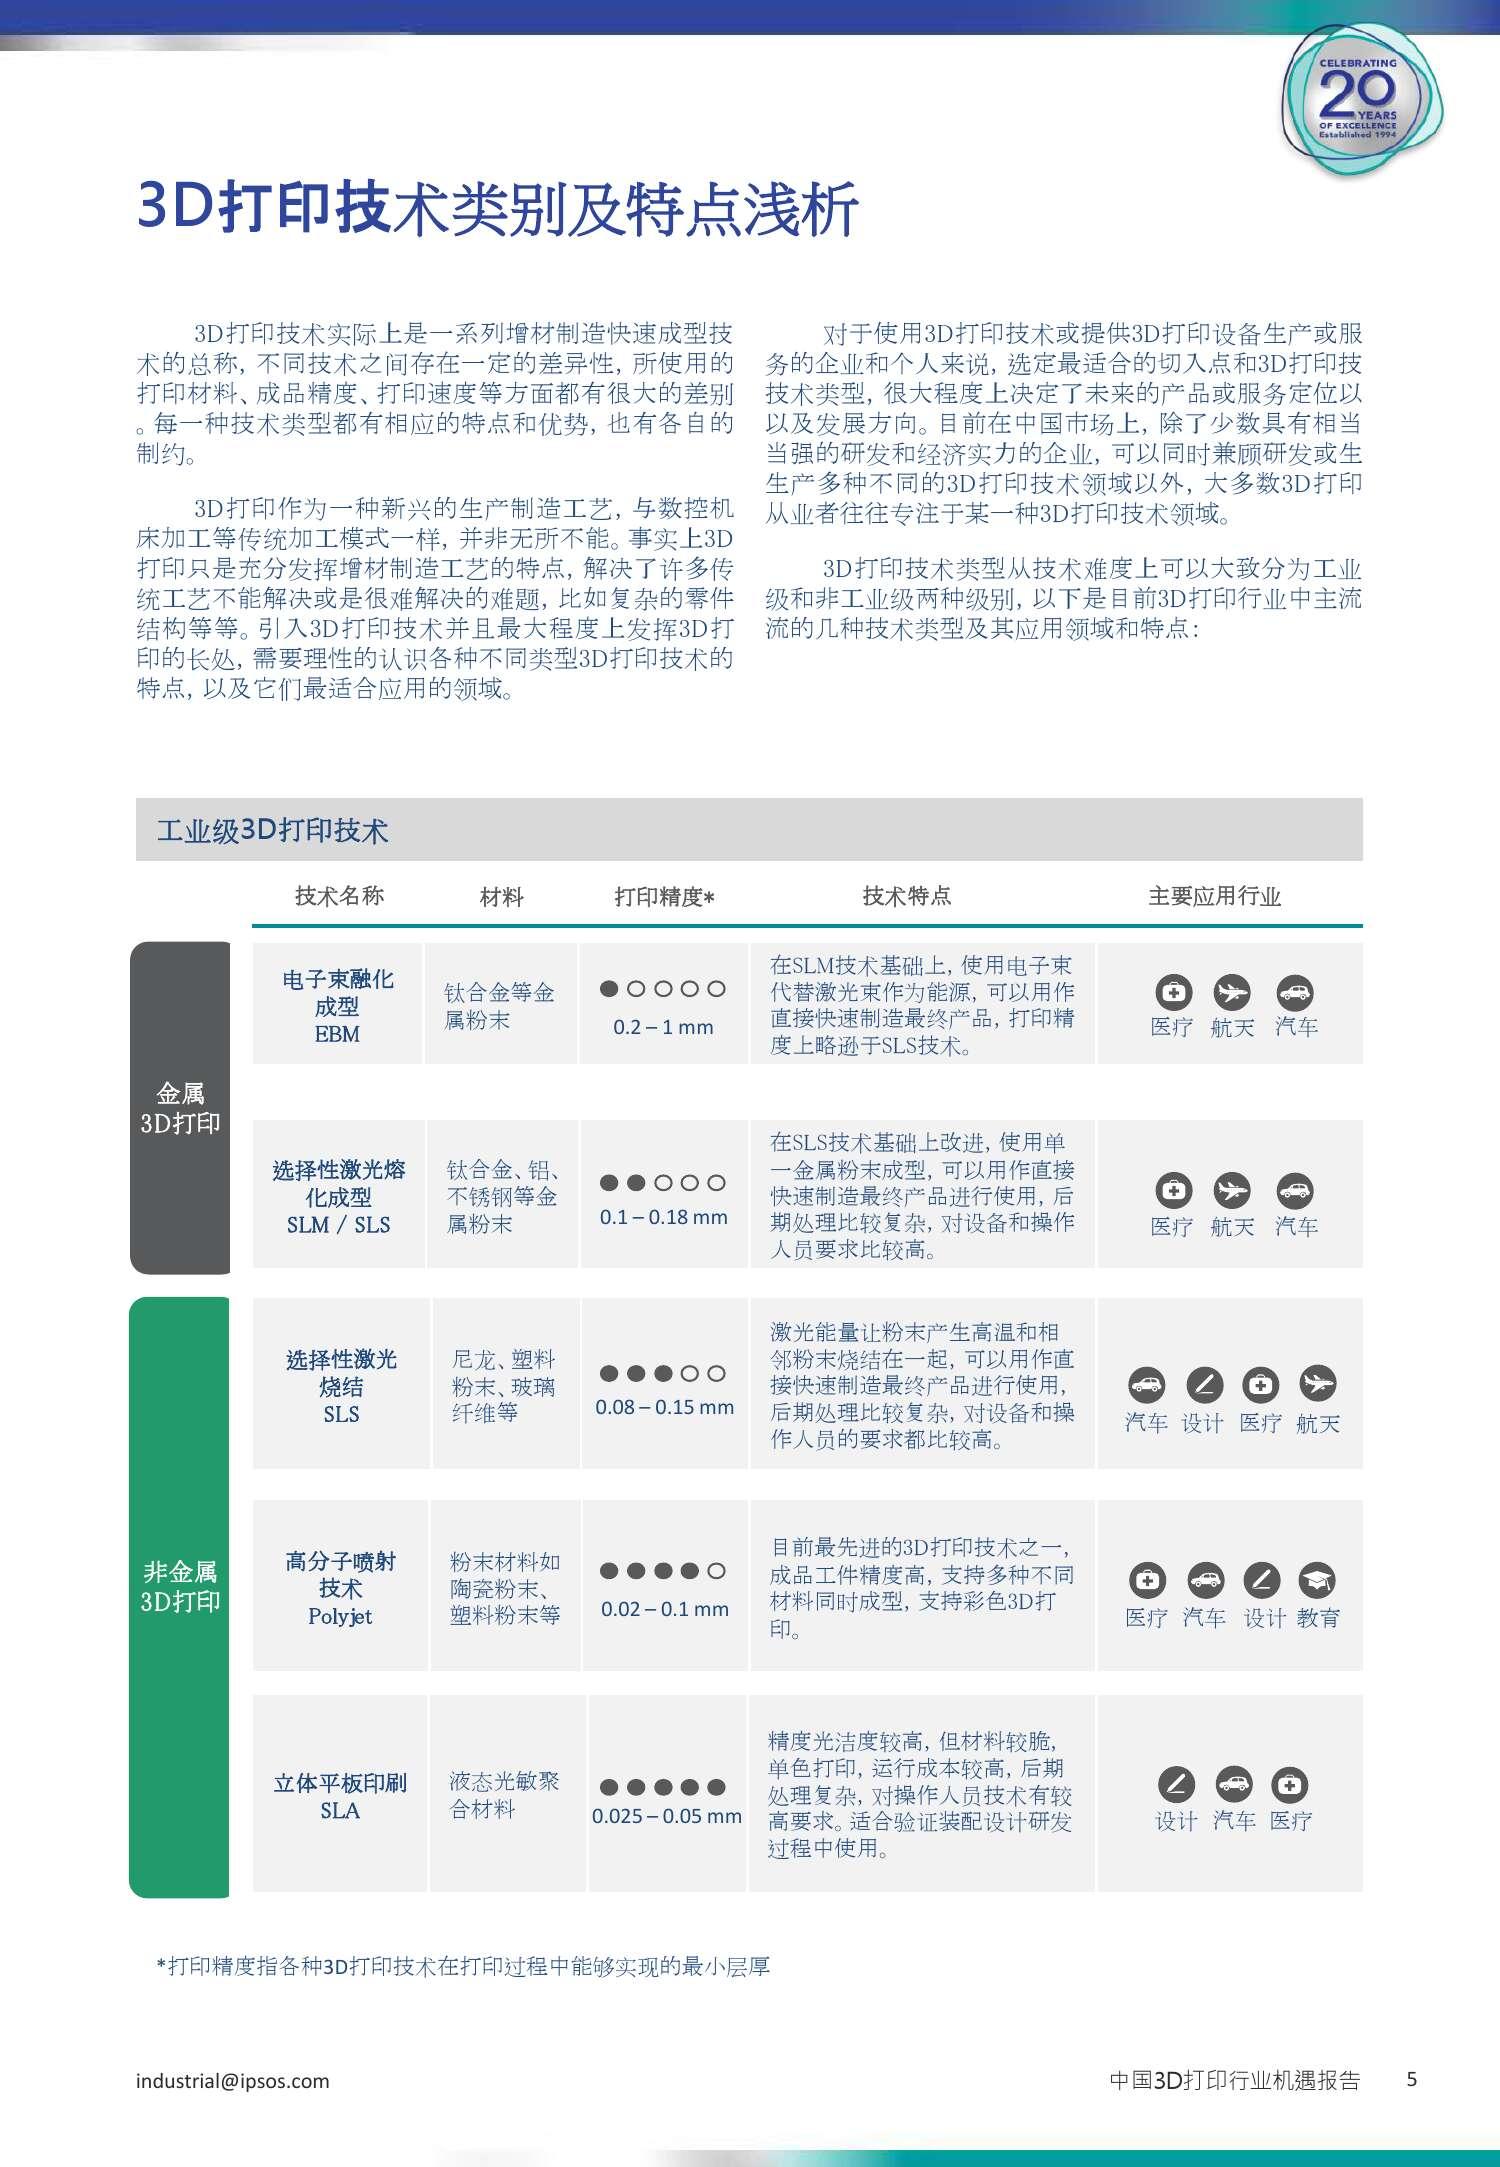 3D打印行业机遇报告_000005